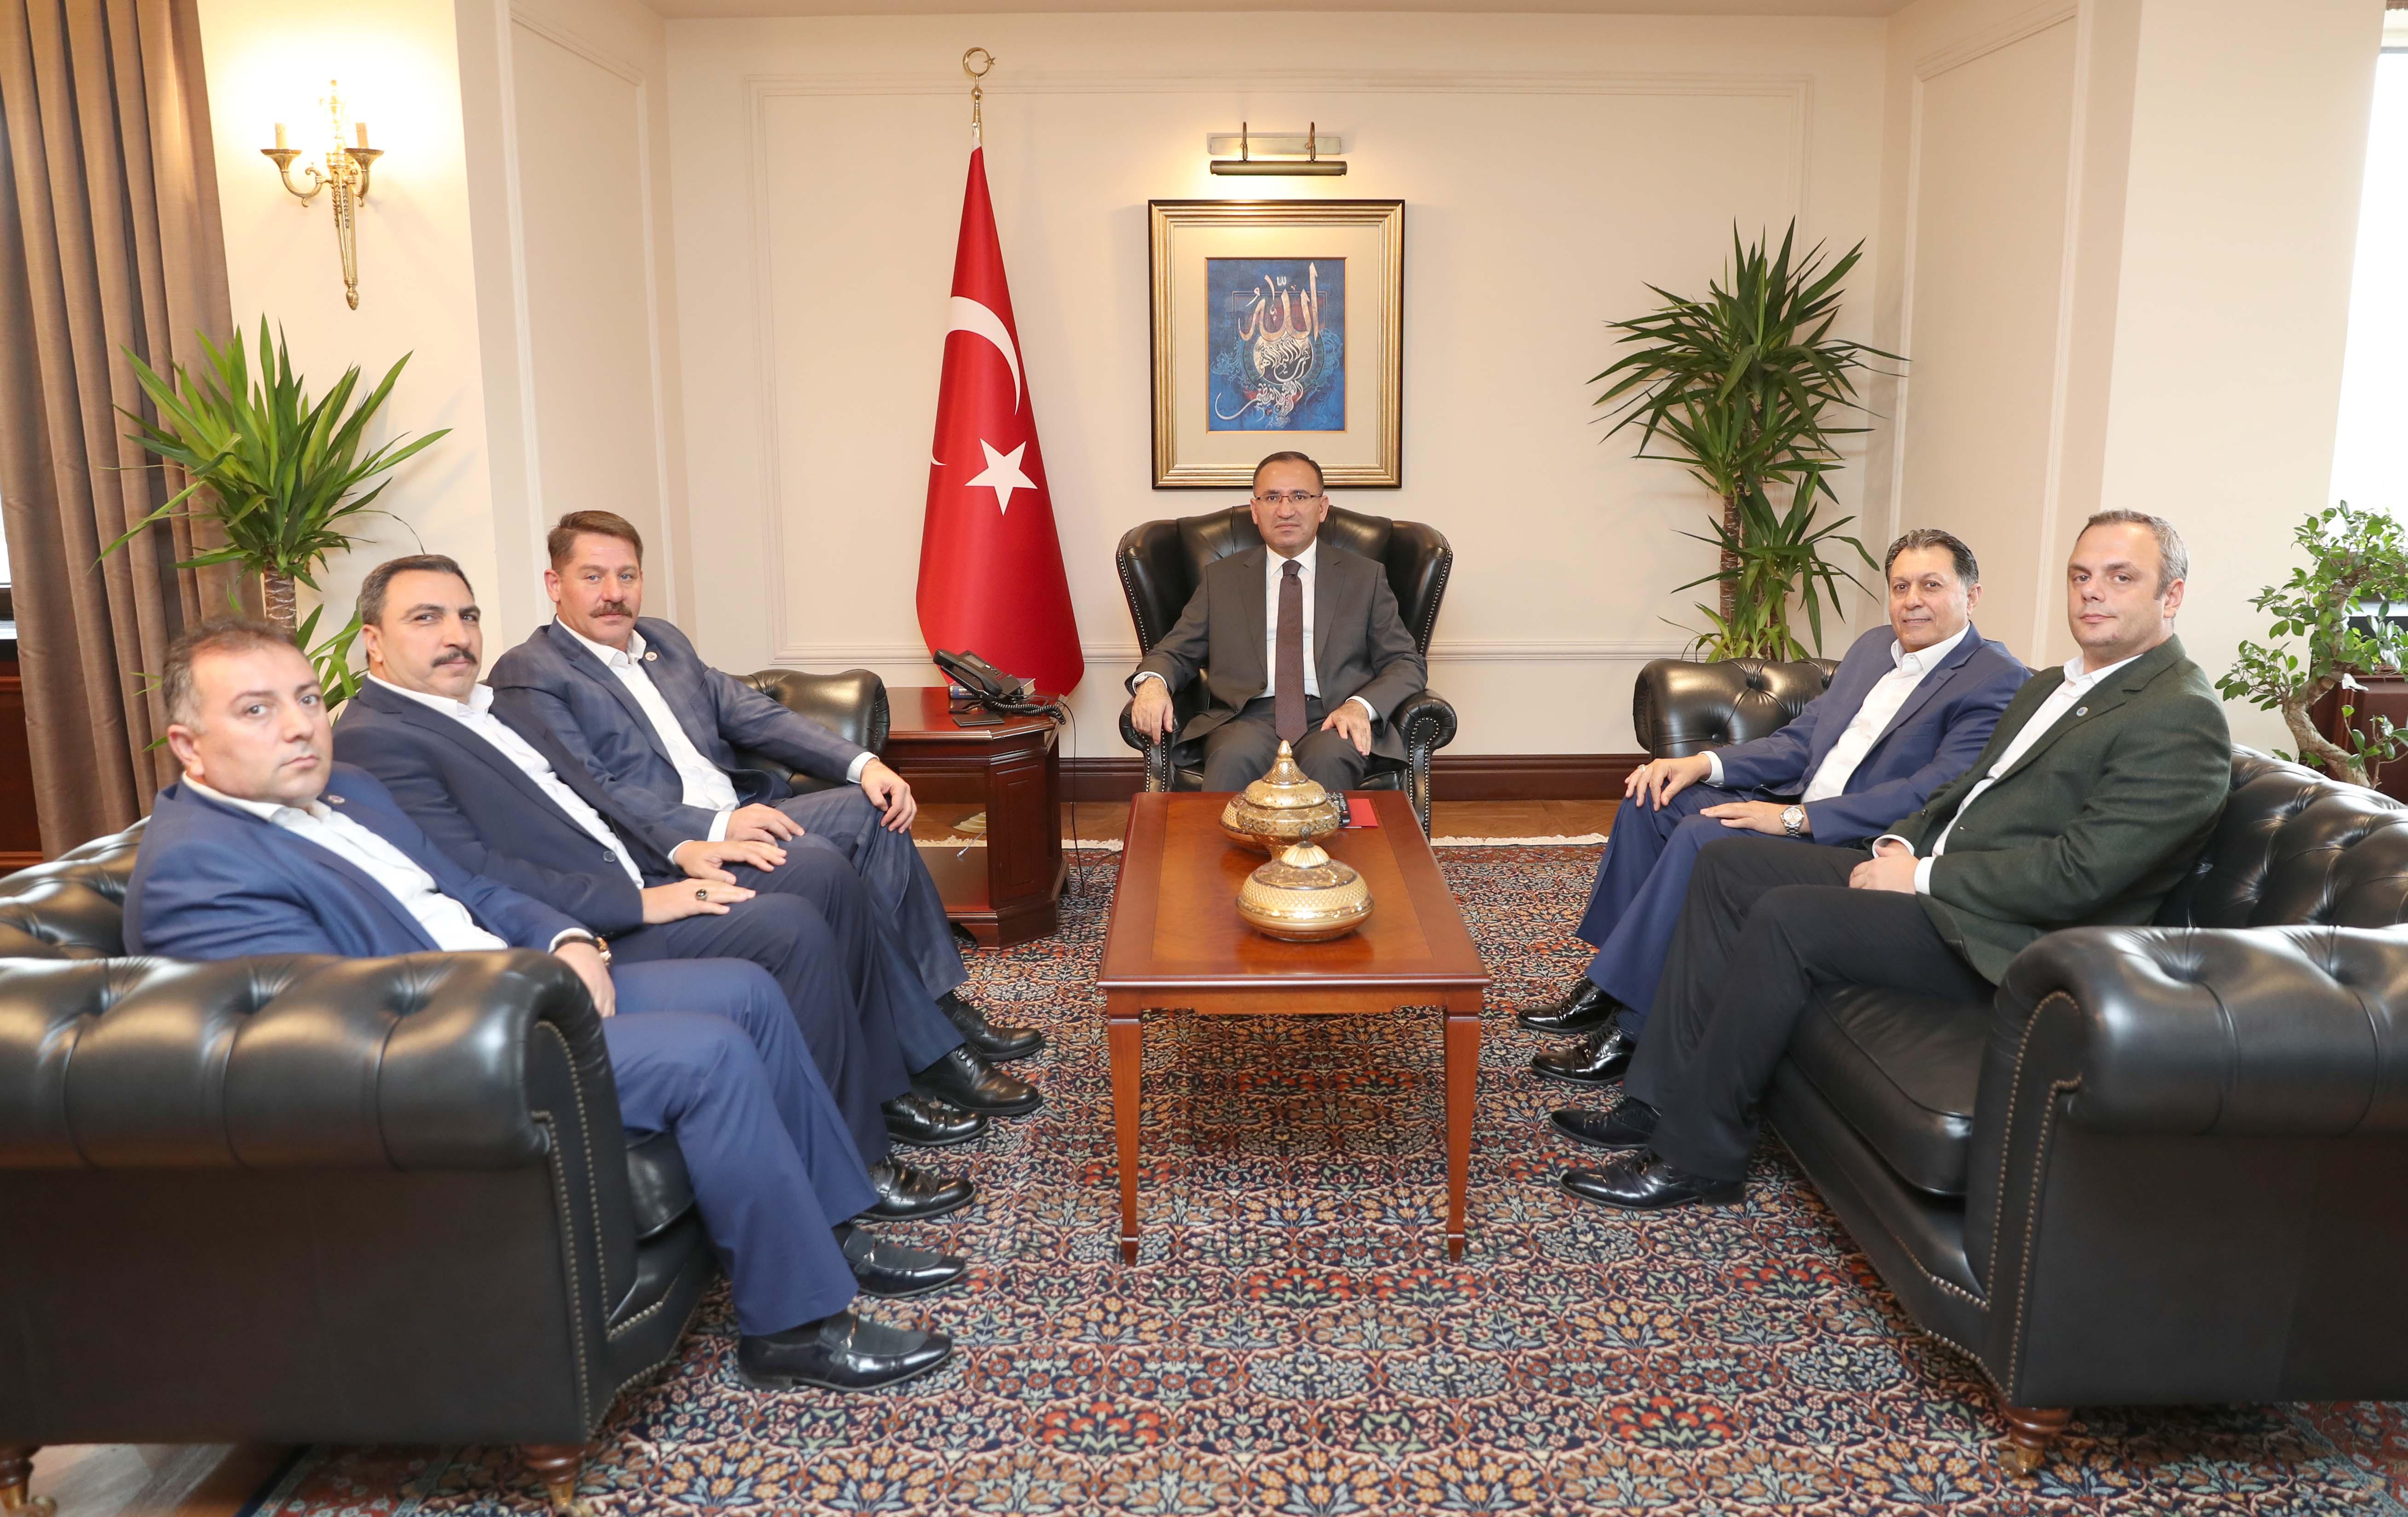 Sendikamızdan Başbakan Yardımcısı Bozdağ'a Hayırlı Olsun Ziyareti